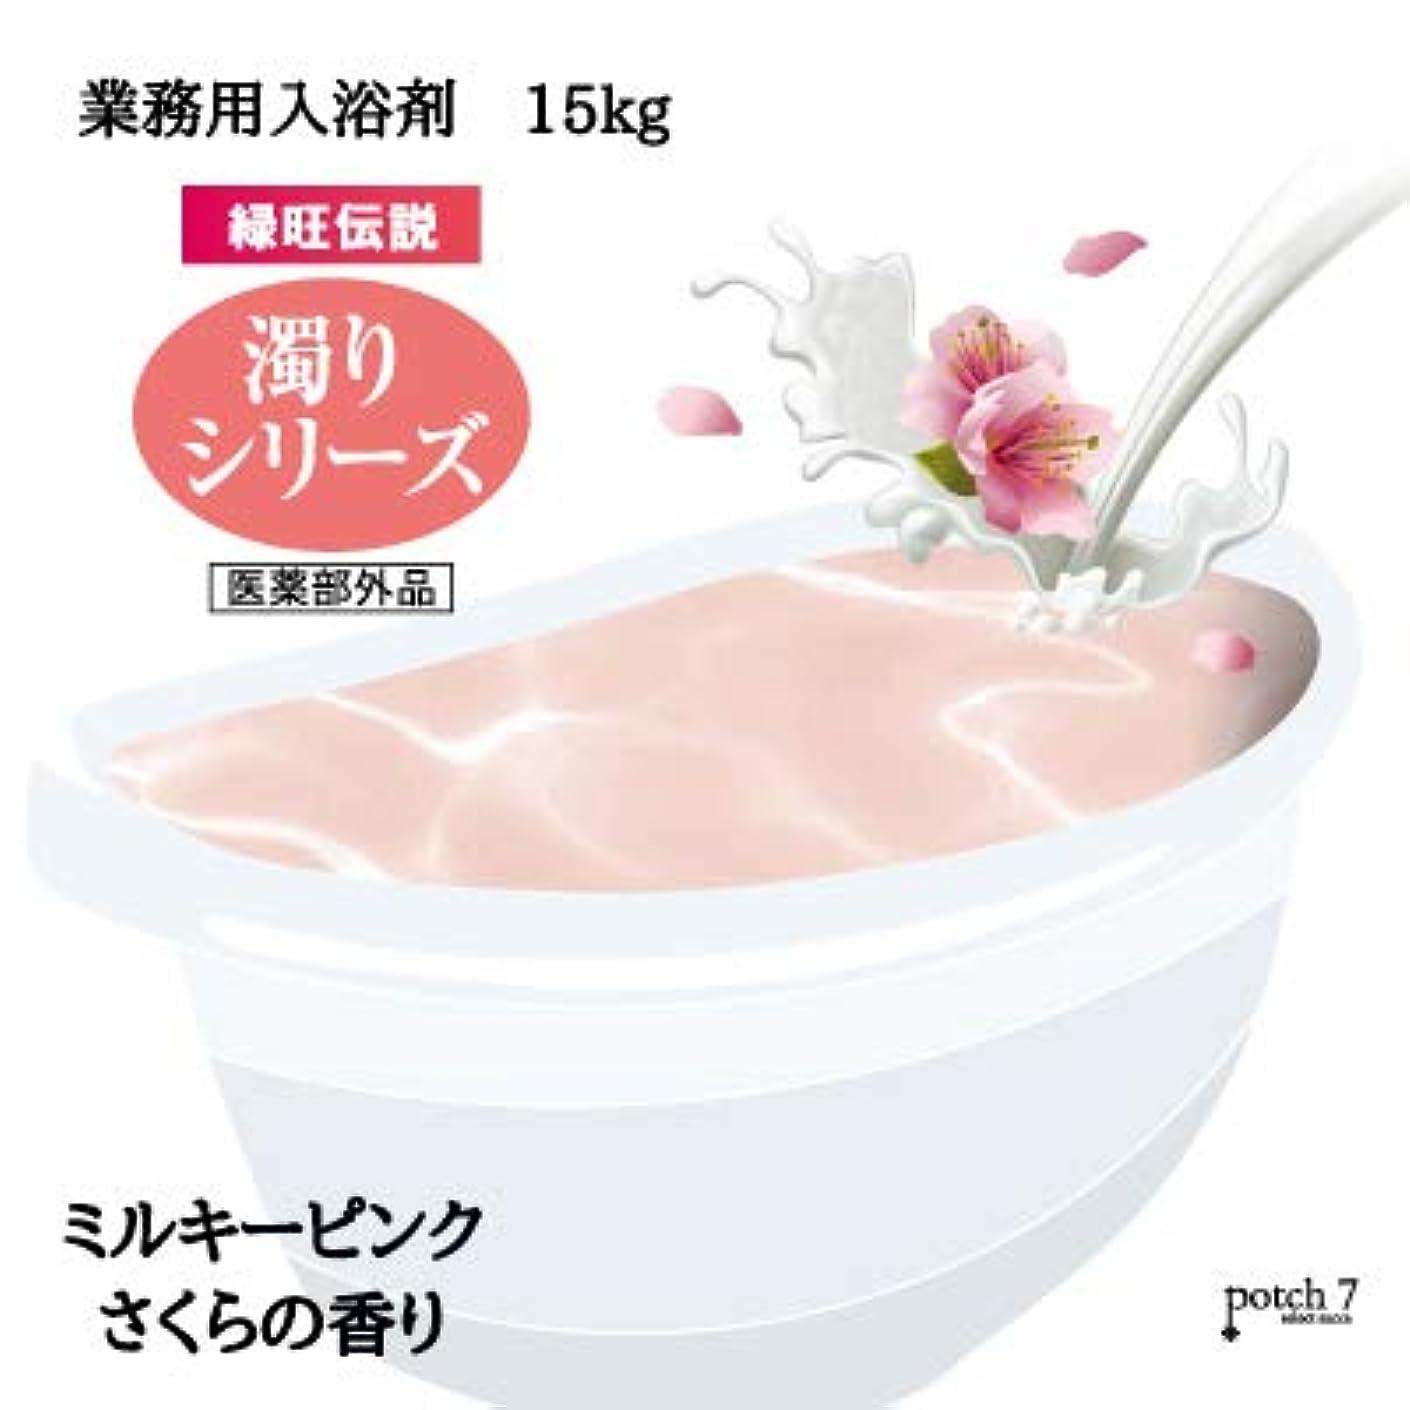 騙す発症一生業務用入浴剤 濁り入浴剤「ミルキーピンク」15Kg(7.5Kgx2袋入)GYR-P